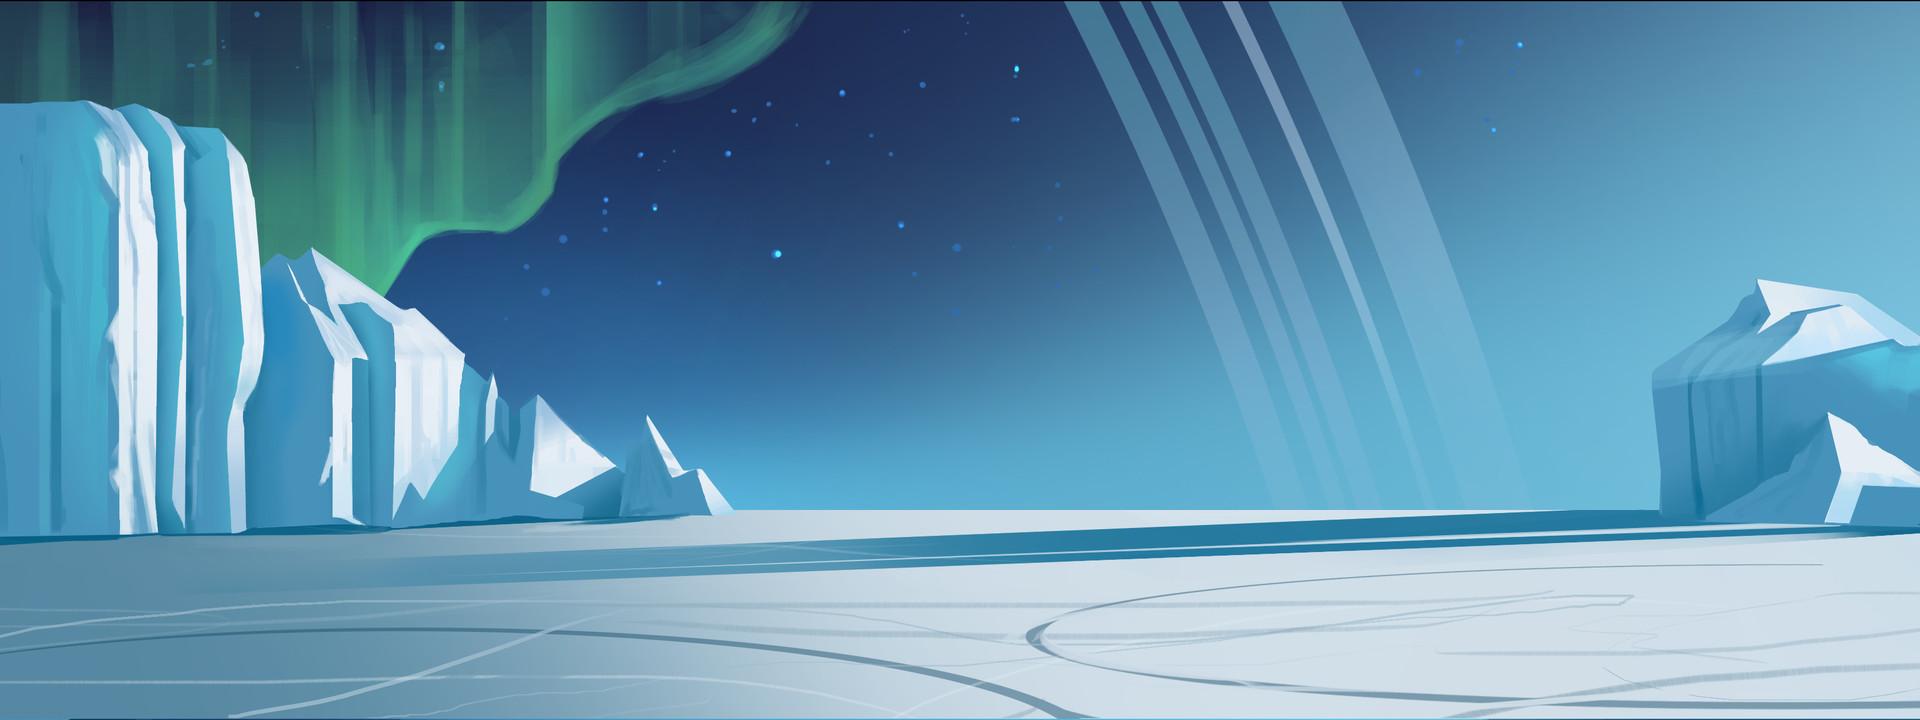 Samma van klaarbergen ice2